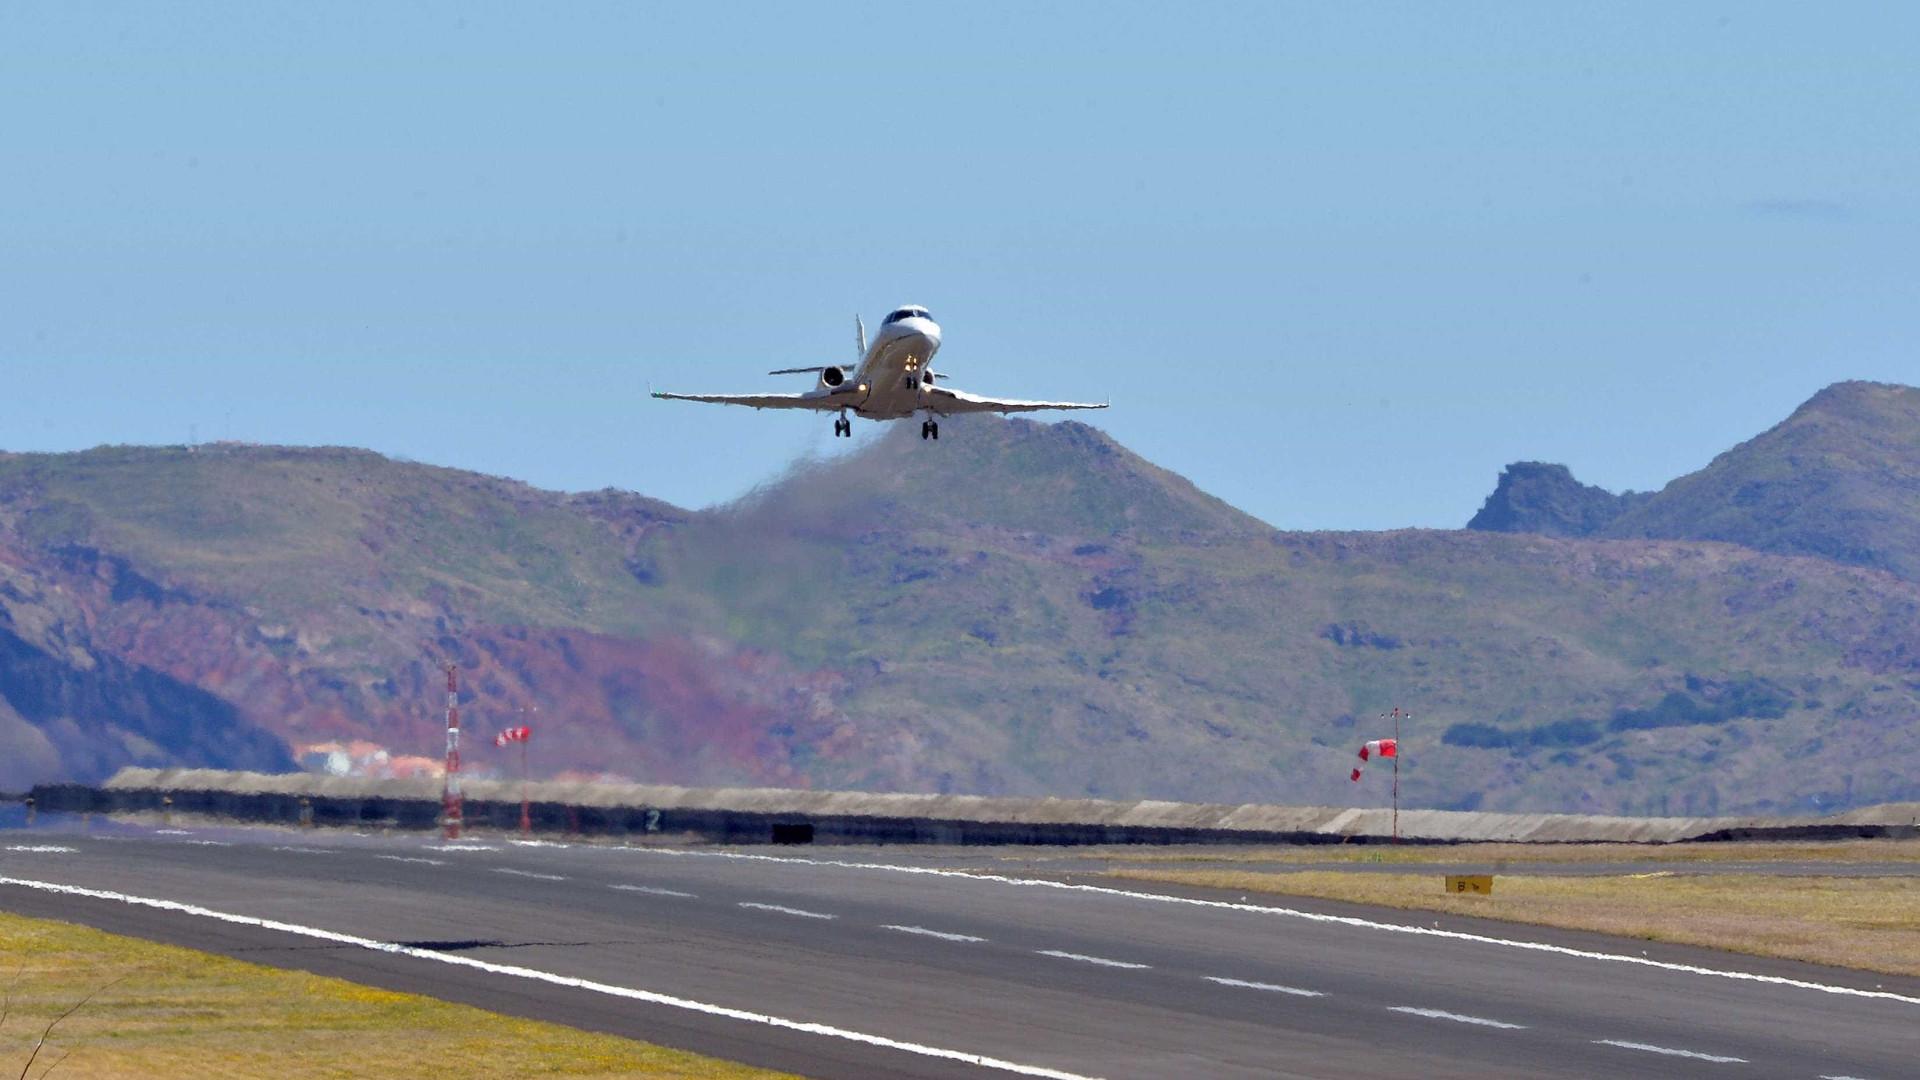 Ventos fortes no Aeroporto da Madeira cancelaram voos